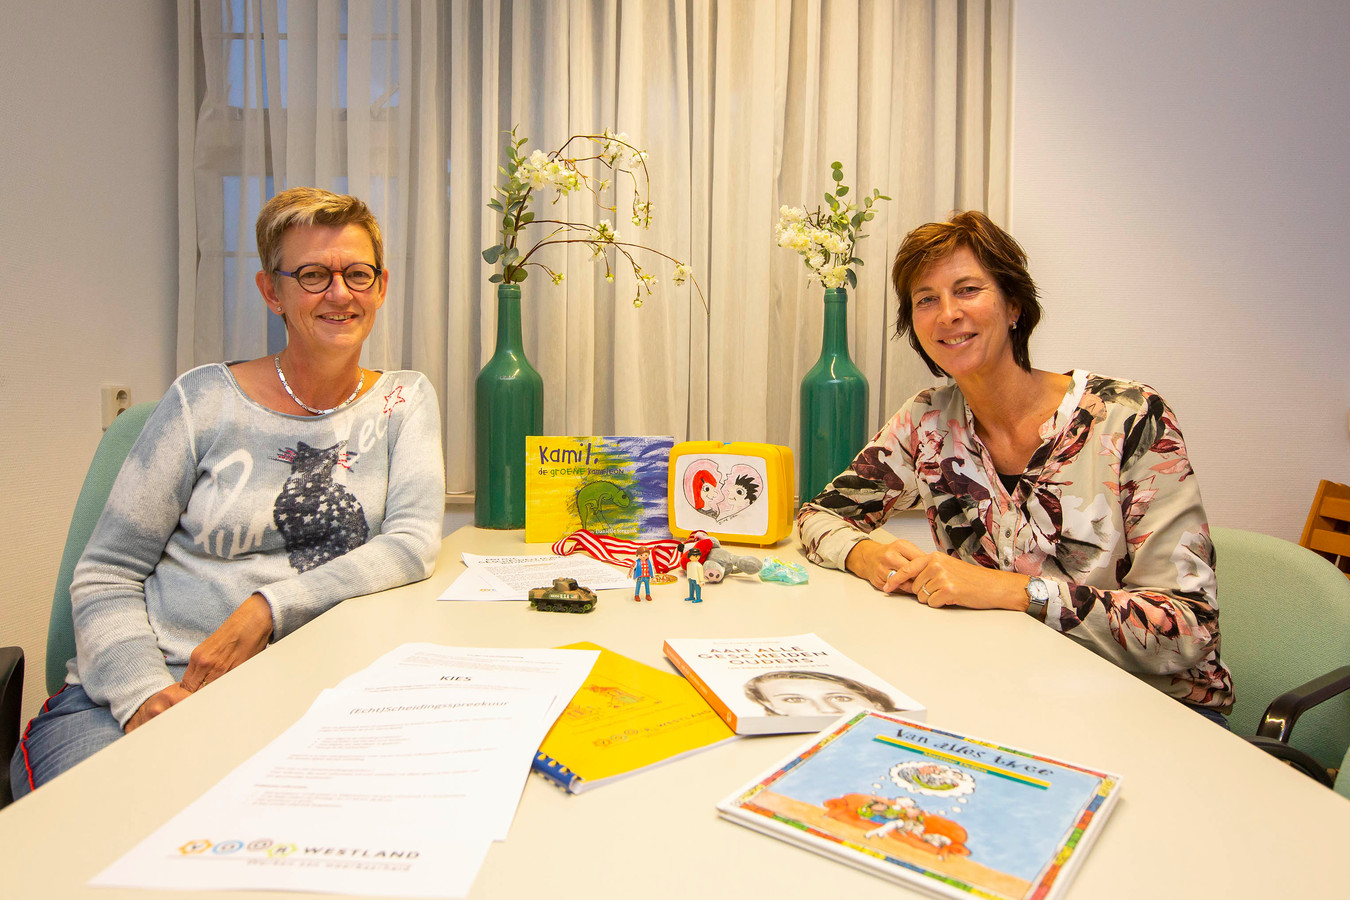 maatschappelijk werksters; Jose Ruijs en Trudy Ooms (links)